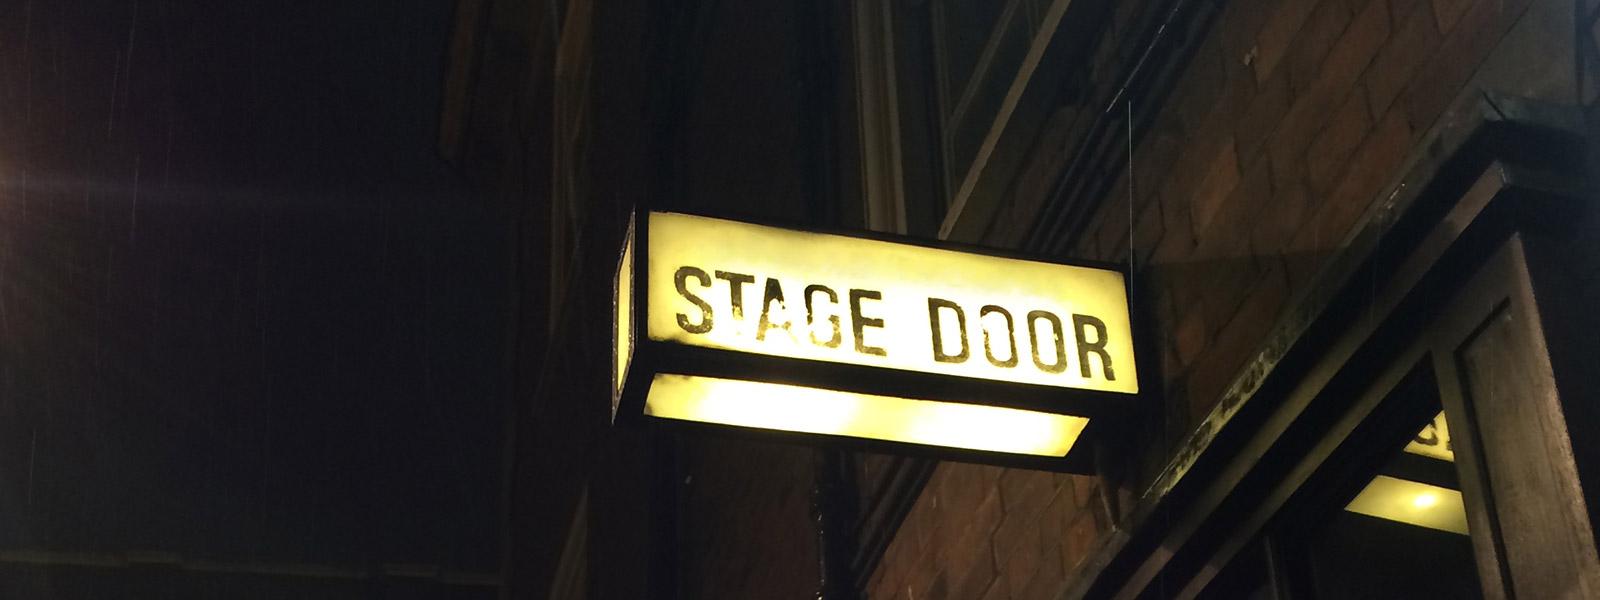 stage-door-web-1600x600